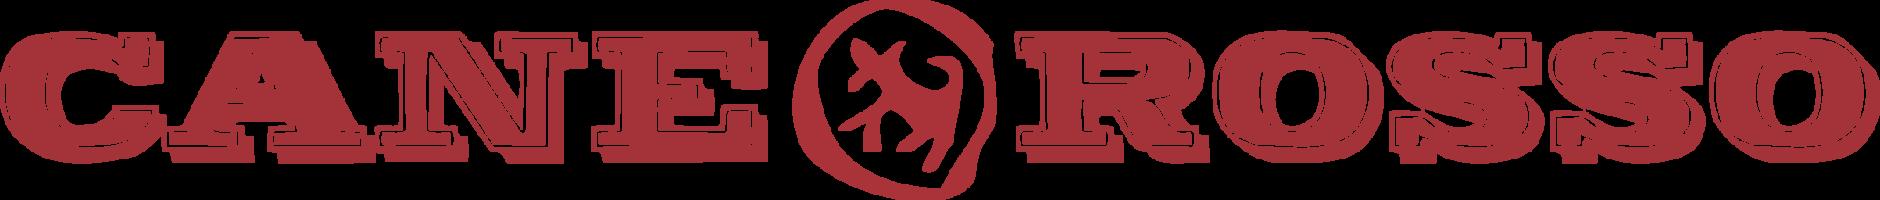 Cane rosso menu logo